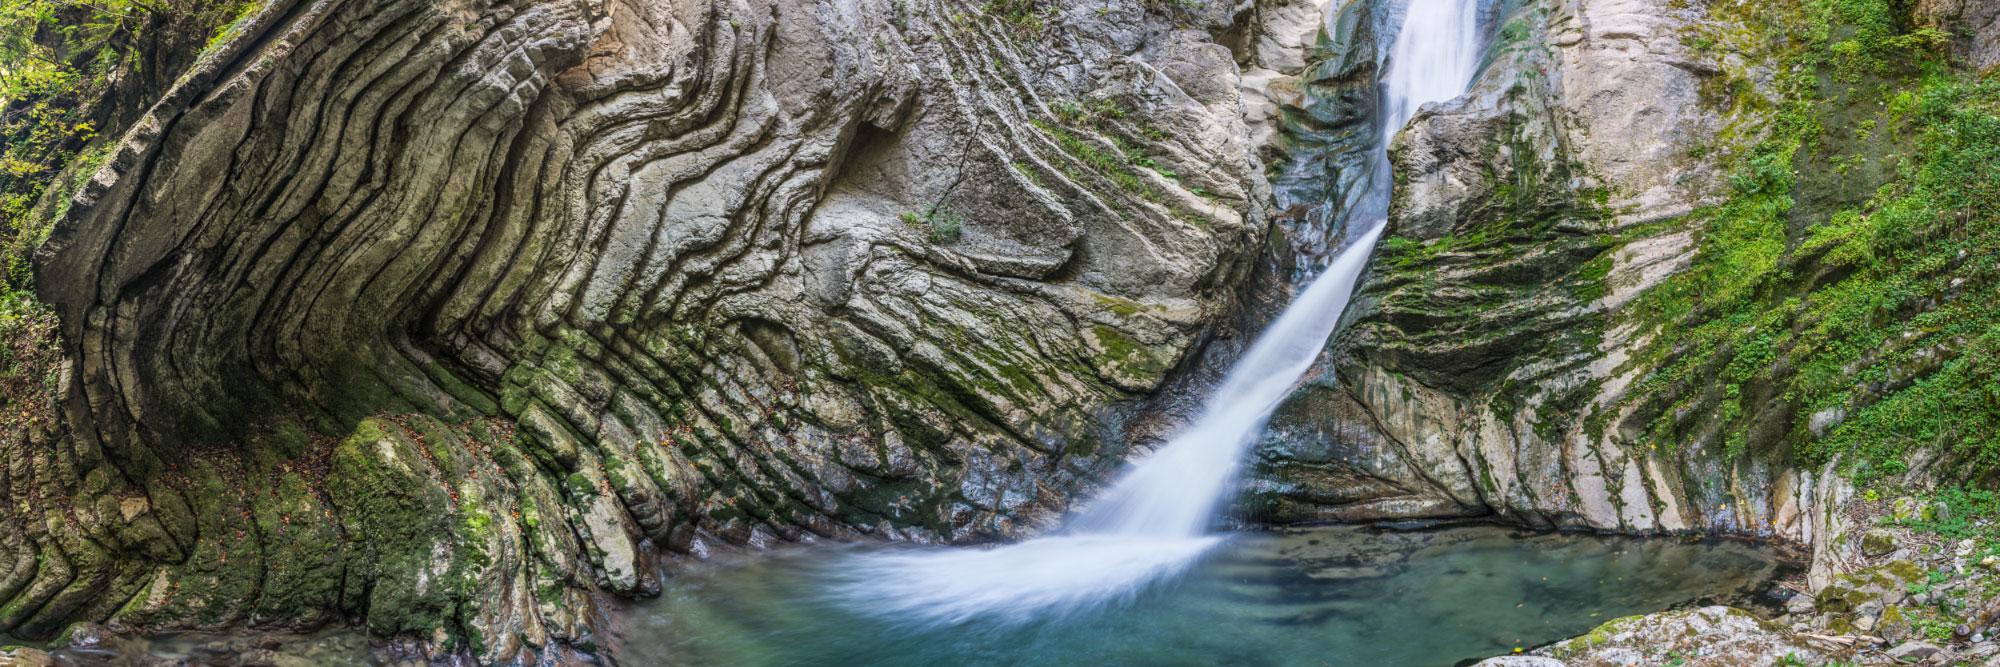 La Cascade Mystérieuse, Le Grand-Bornand, Aravis